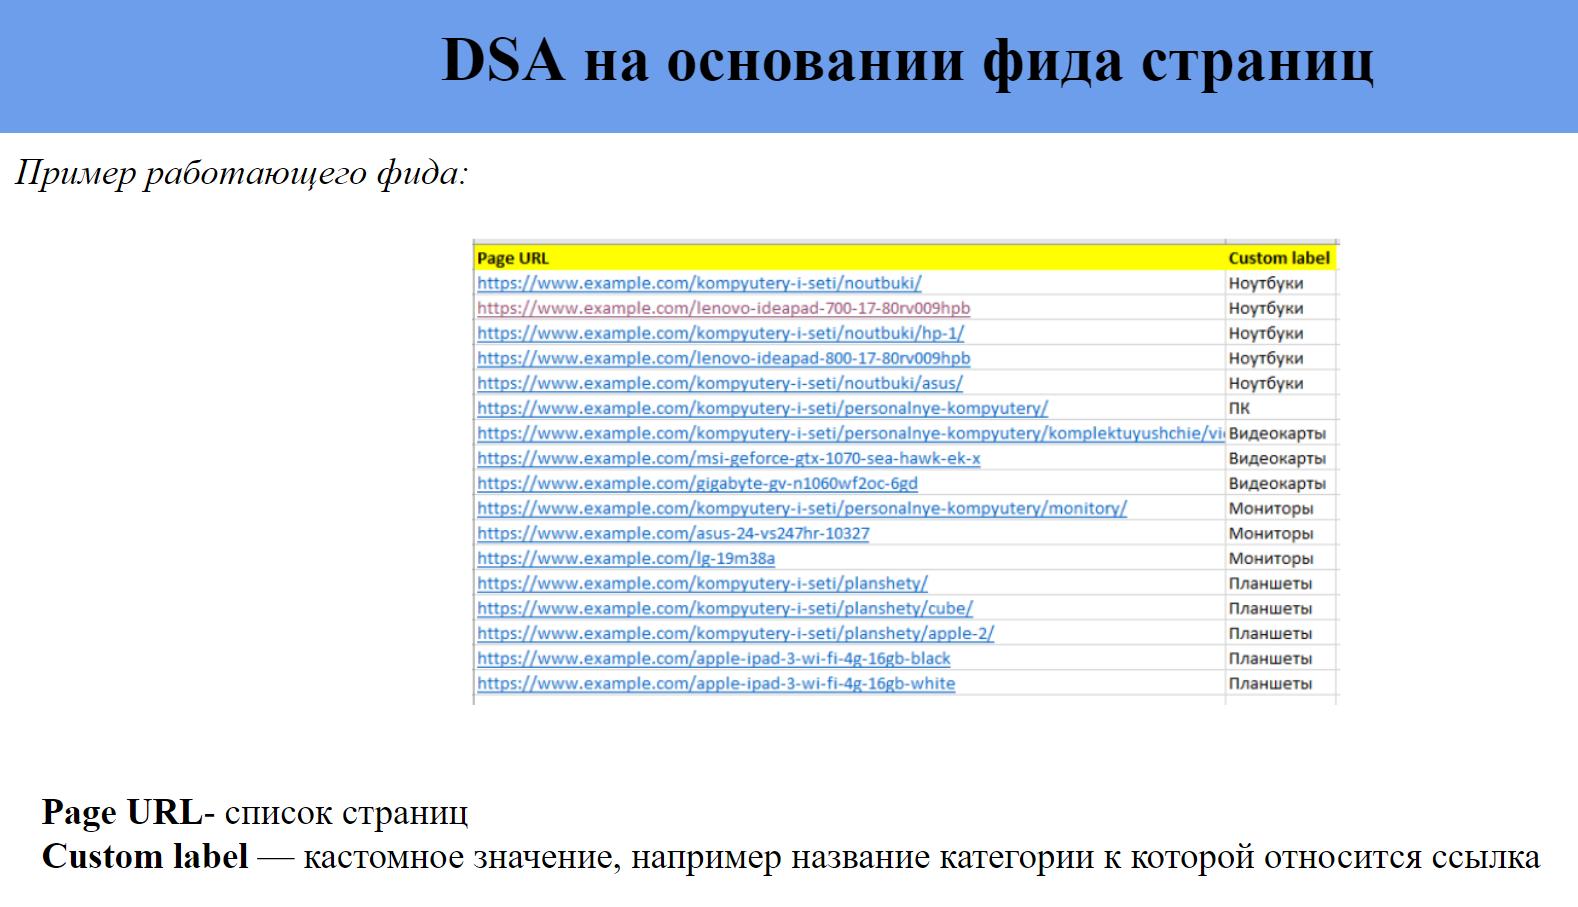 DSA на основании фида страниц